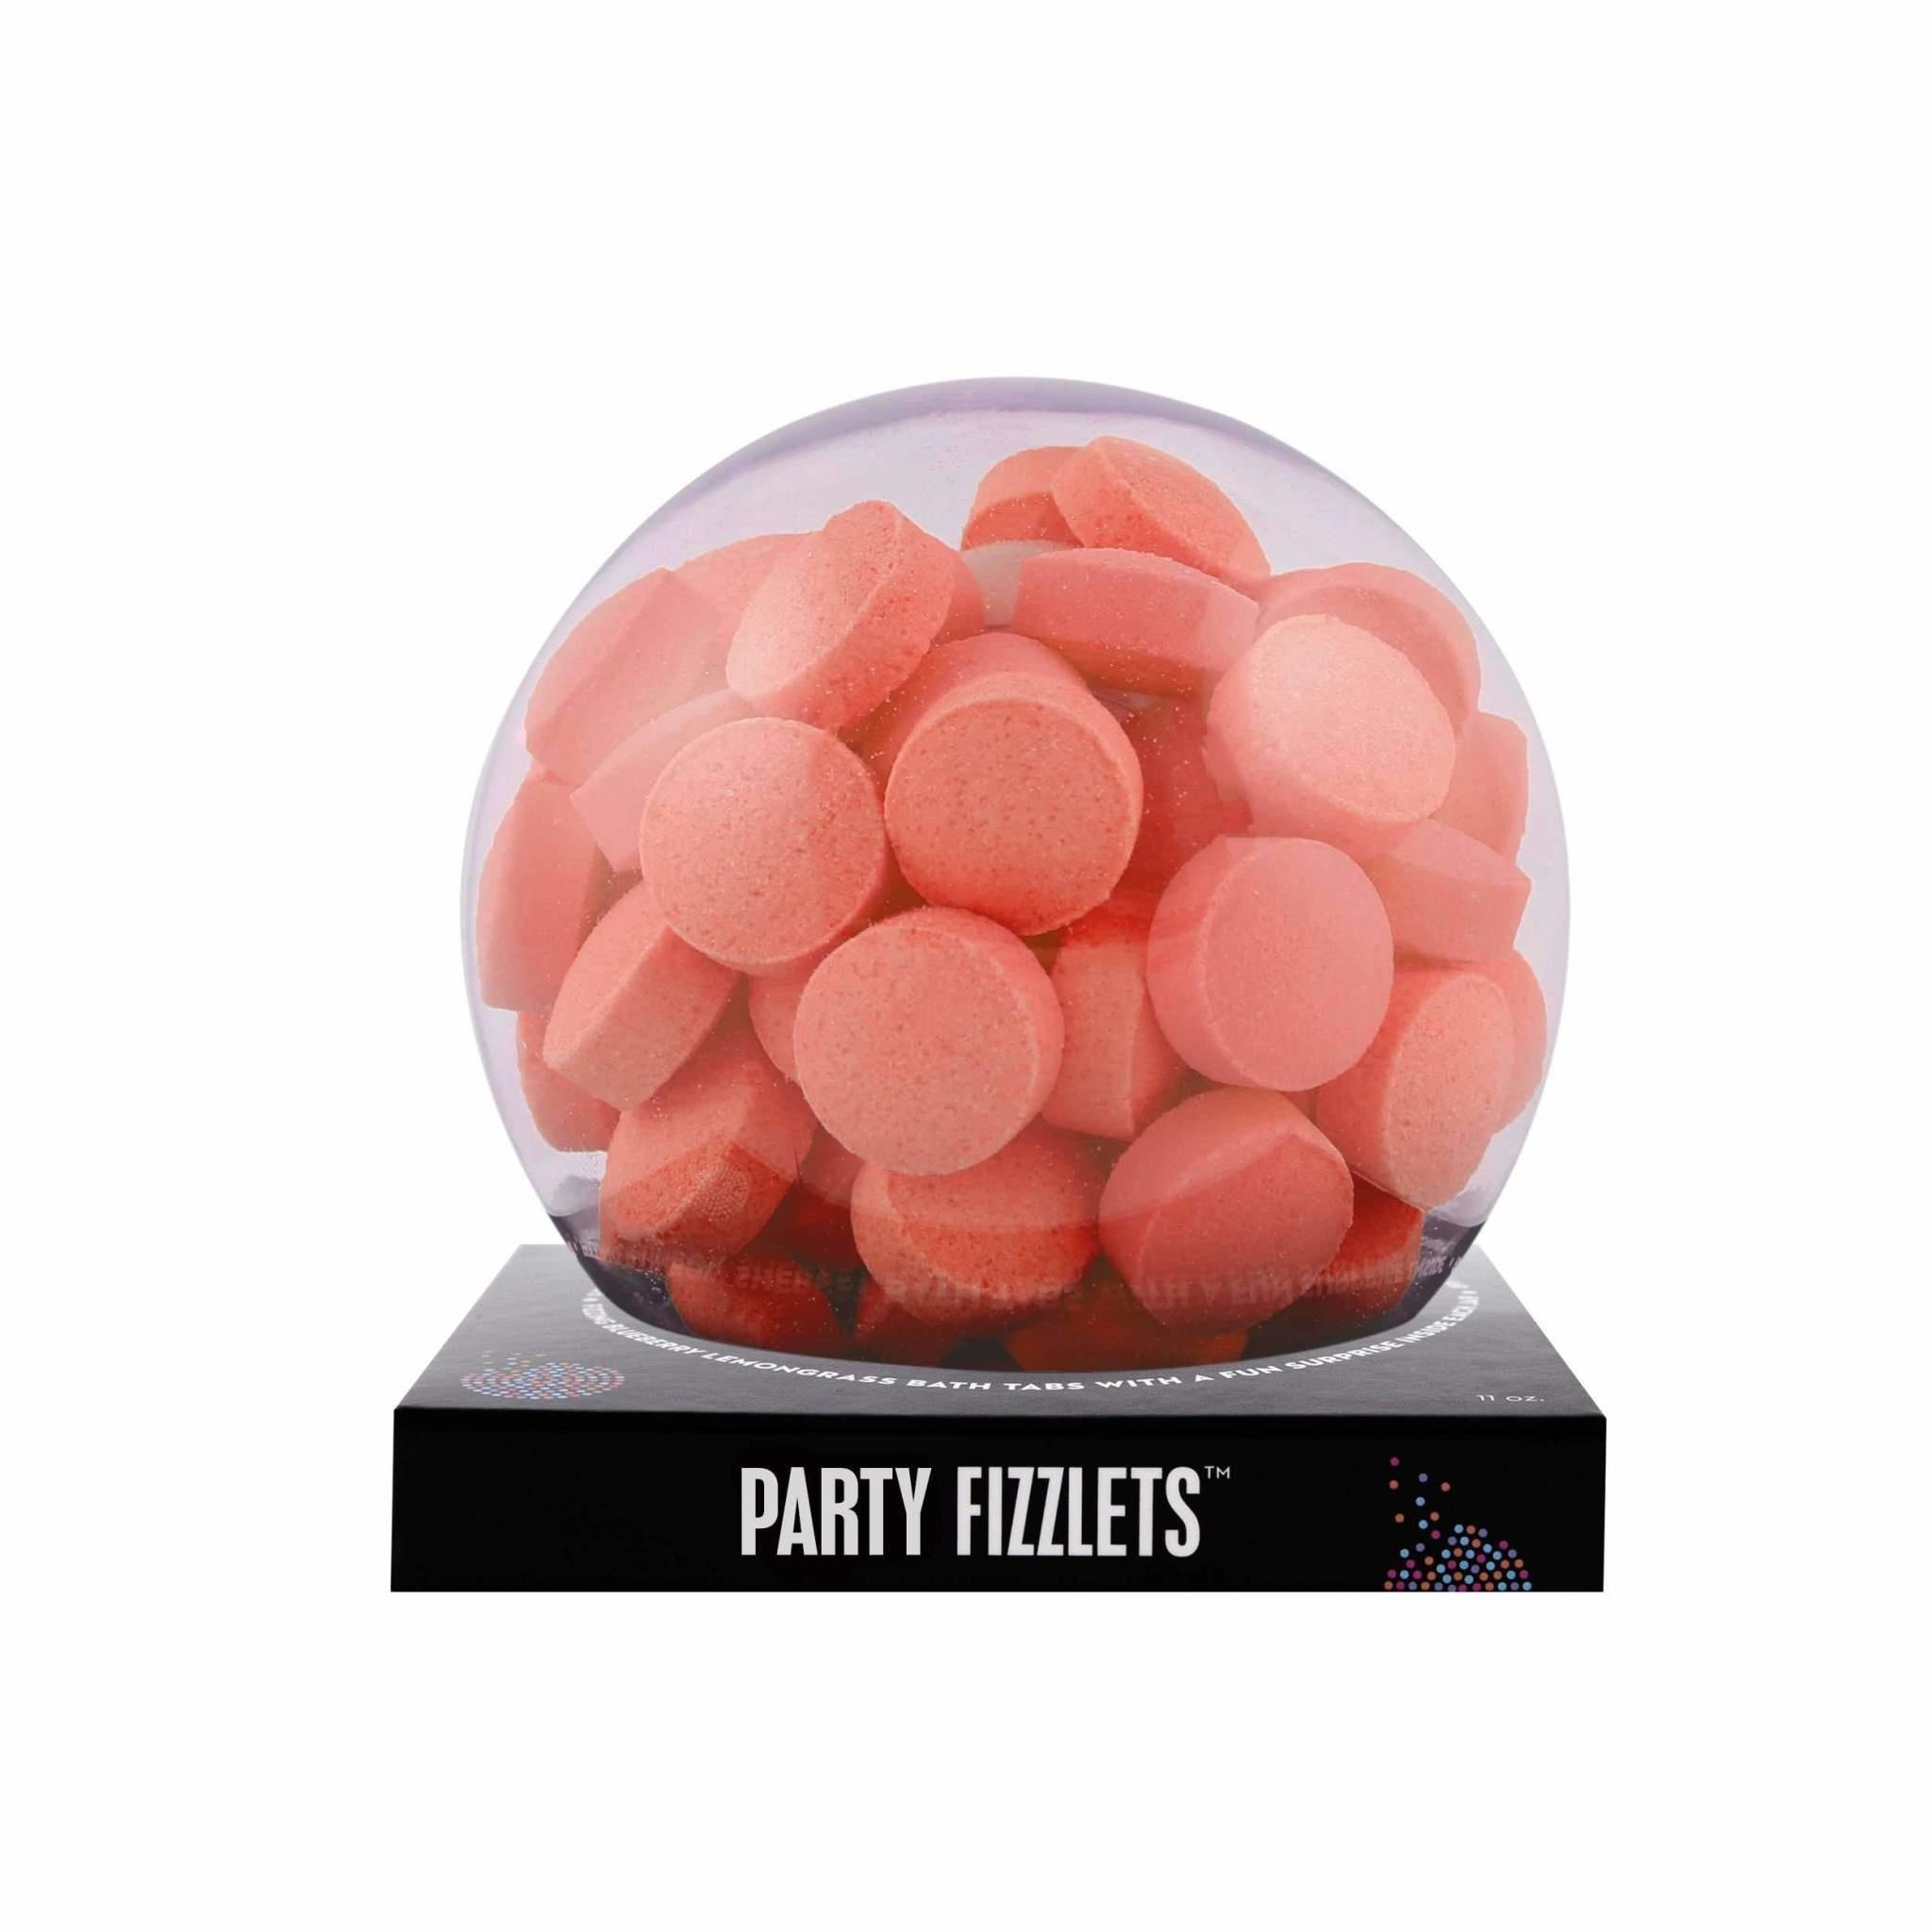 SALE 2020 Party Fizzlets-1